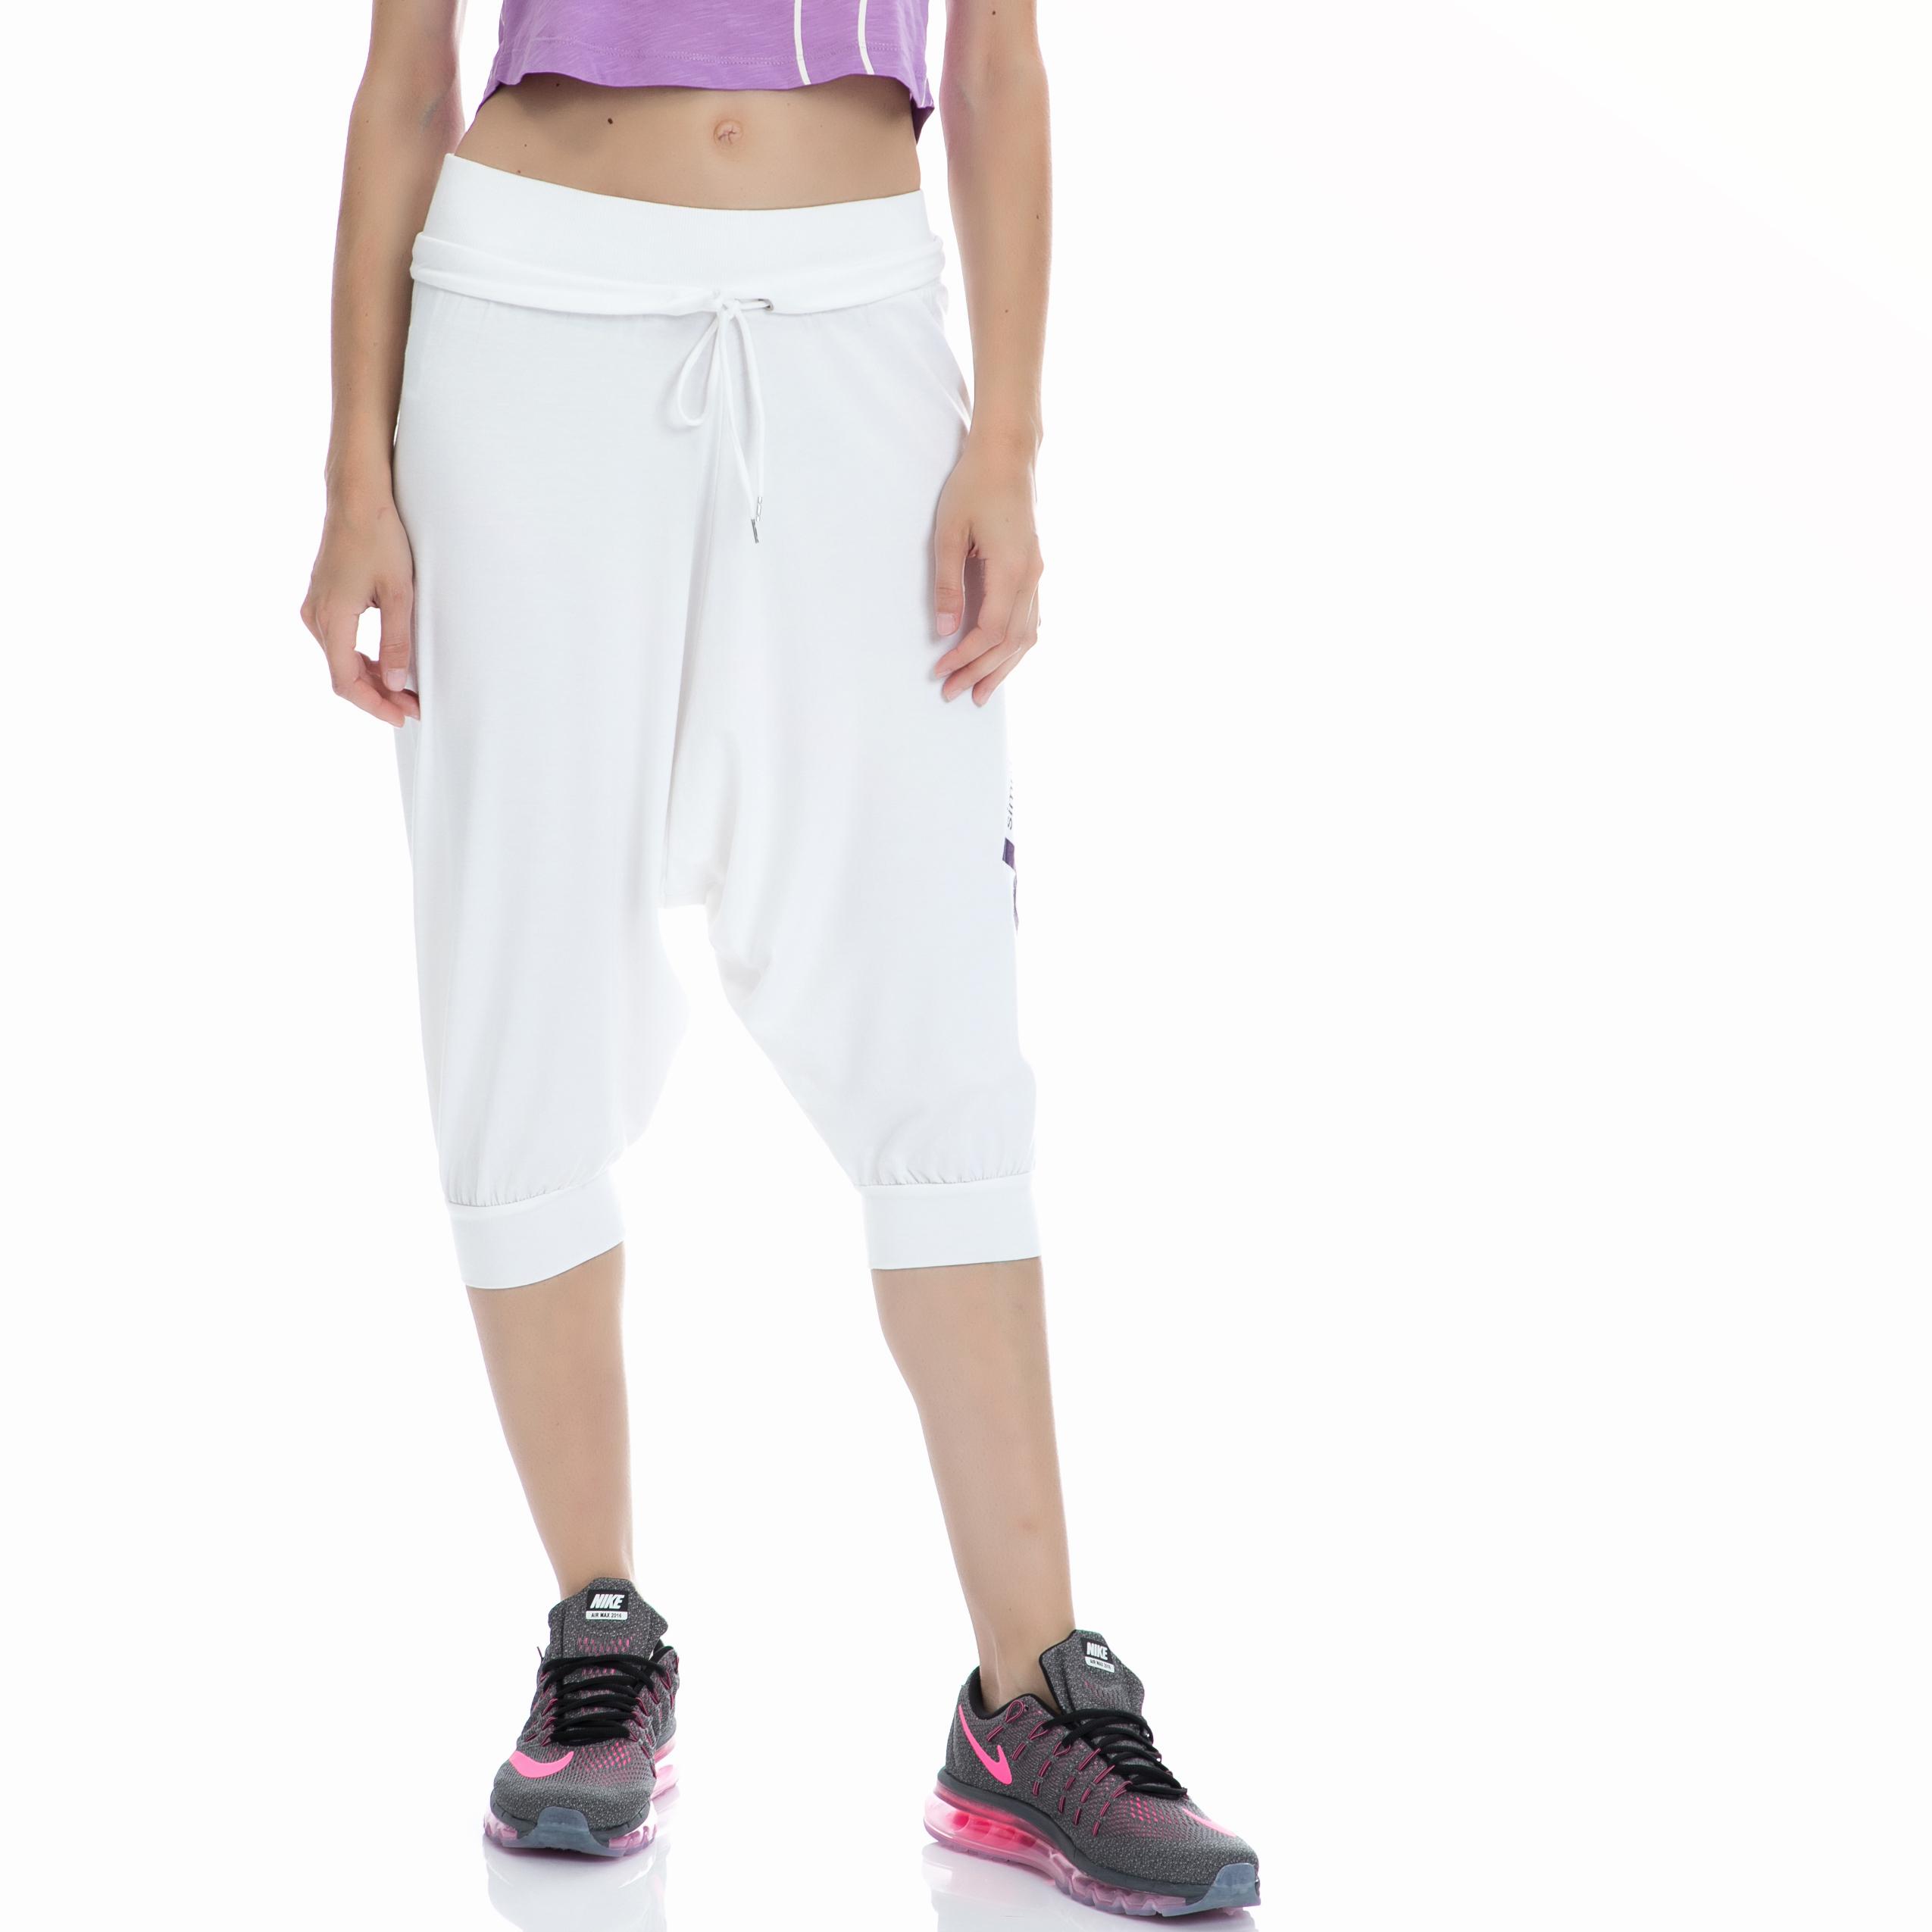 BODYTALK - Γυναικείο παντελόνι BODYTALK άσπρο γυναικεία ρούχα παντελόνια φόρμες